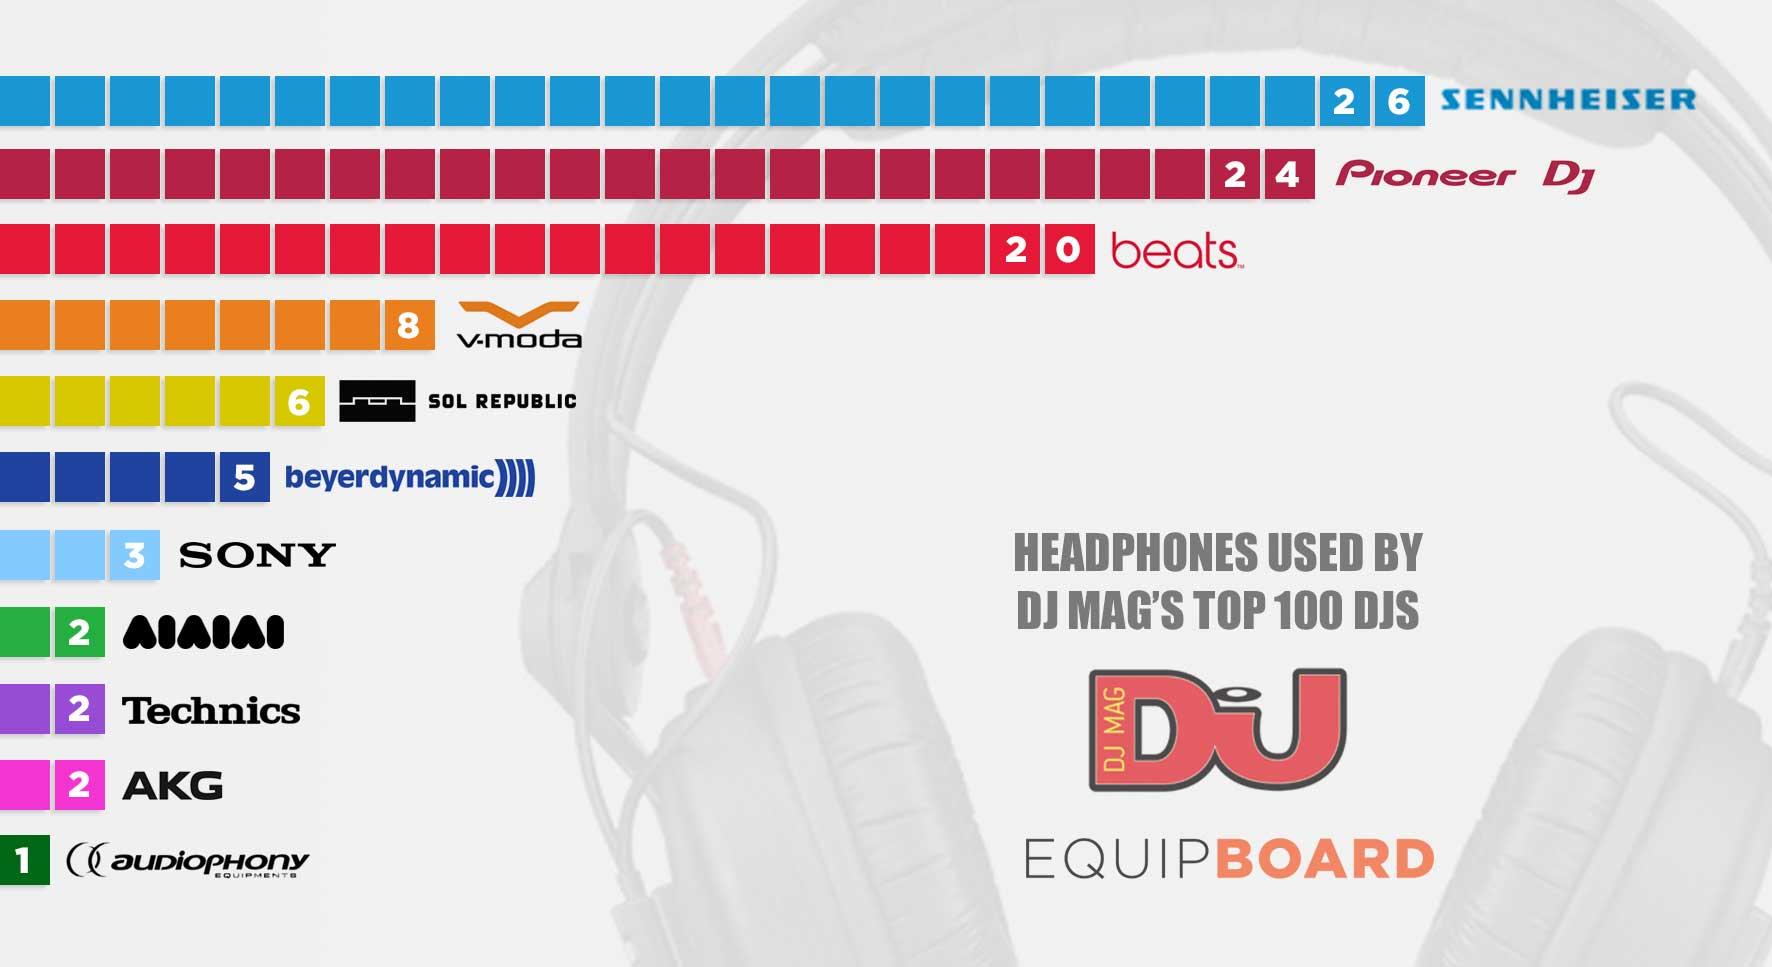 DJMag Top 100 DJs Most Used Headphones